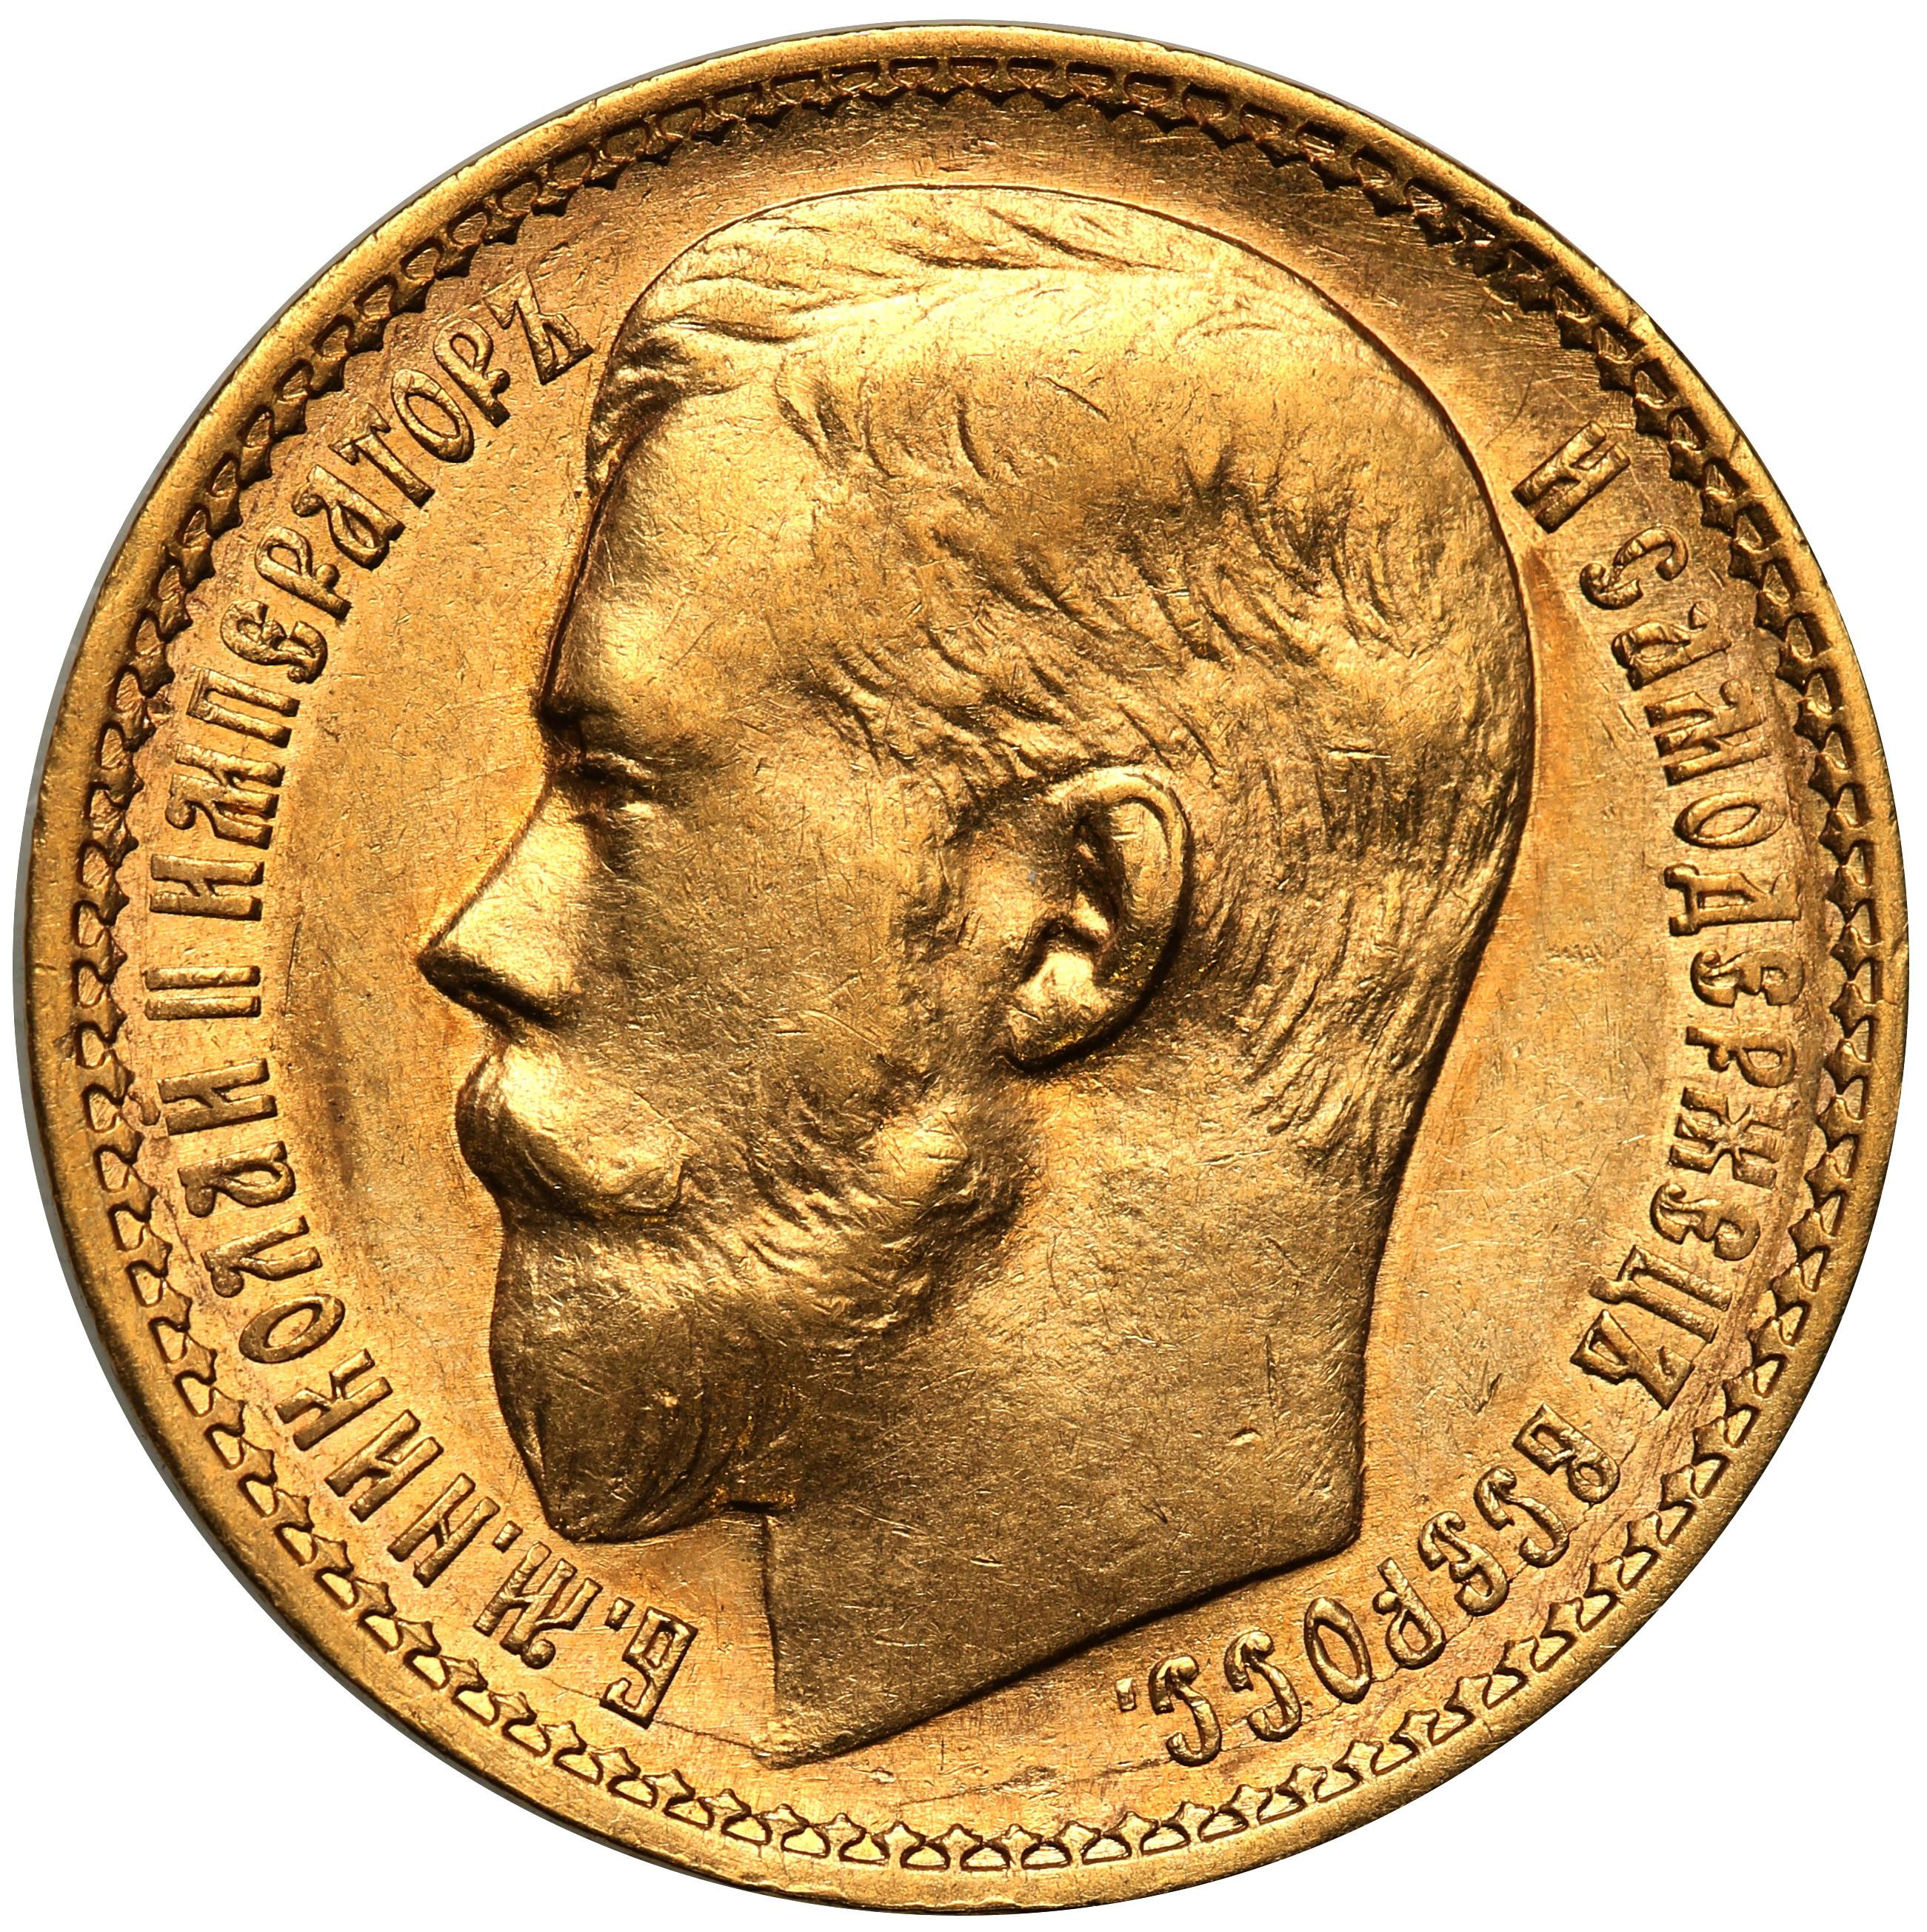 Rosja. Mikołaj II. 15 rubli 1897 СПБ АГ, Petersburg, typ II st.1-